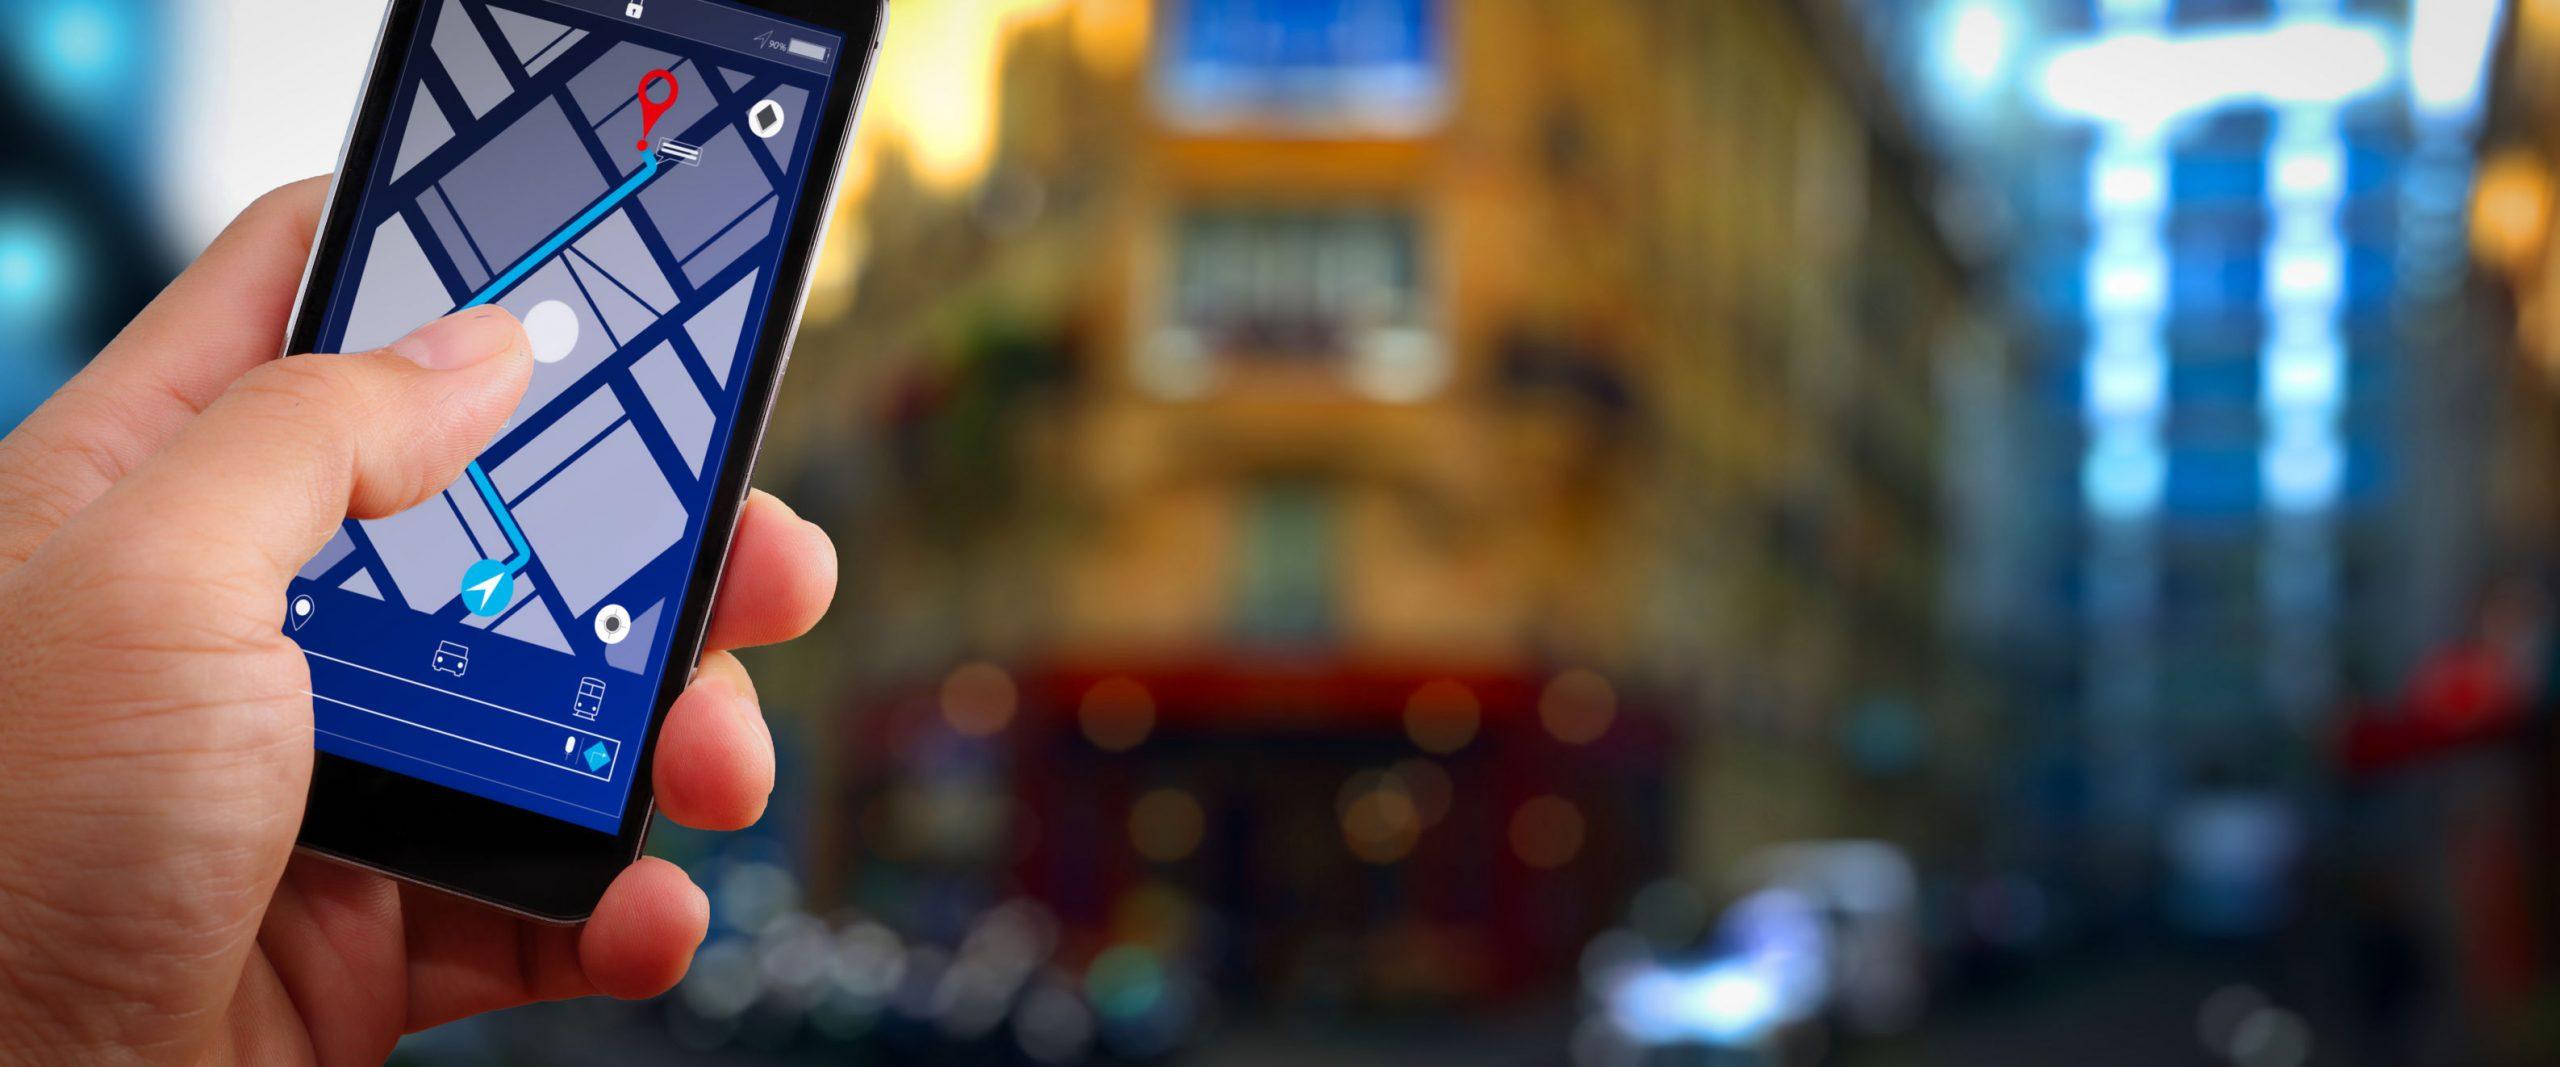 Bluetooth Tracker: Test & Empfehlungen (04/20)